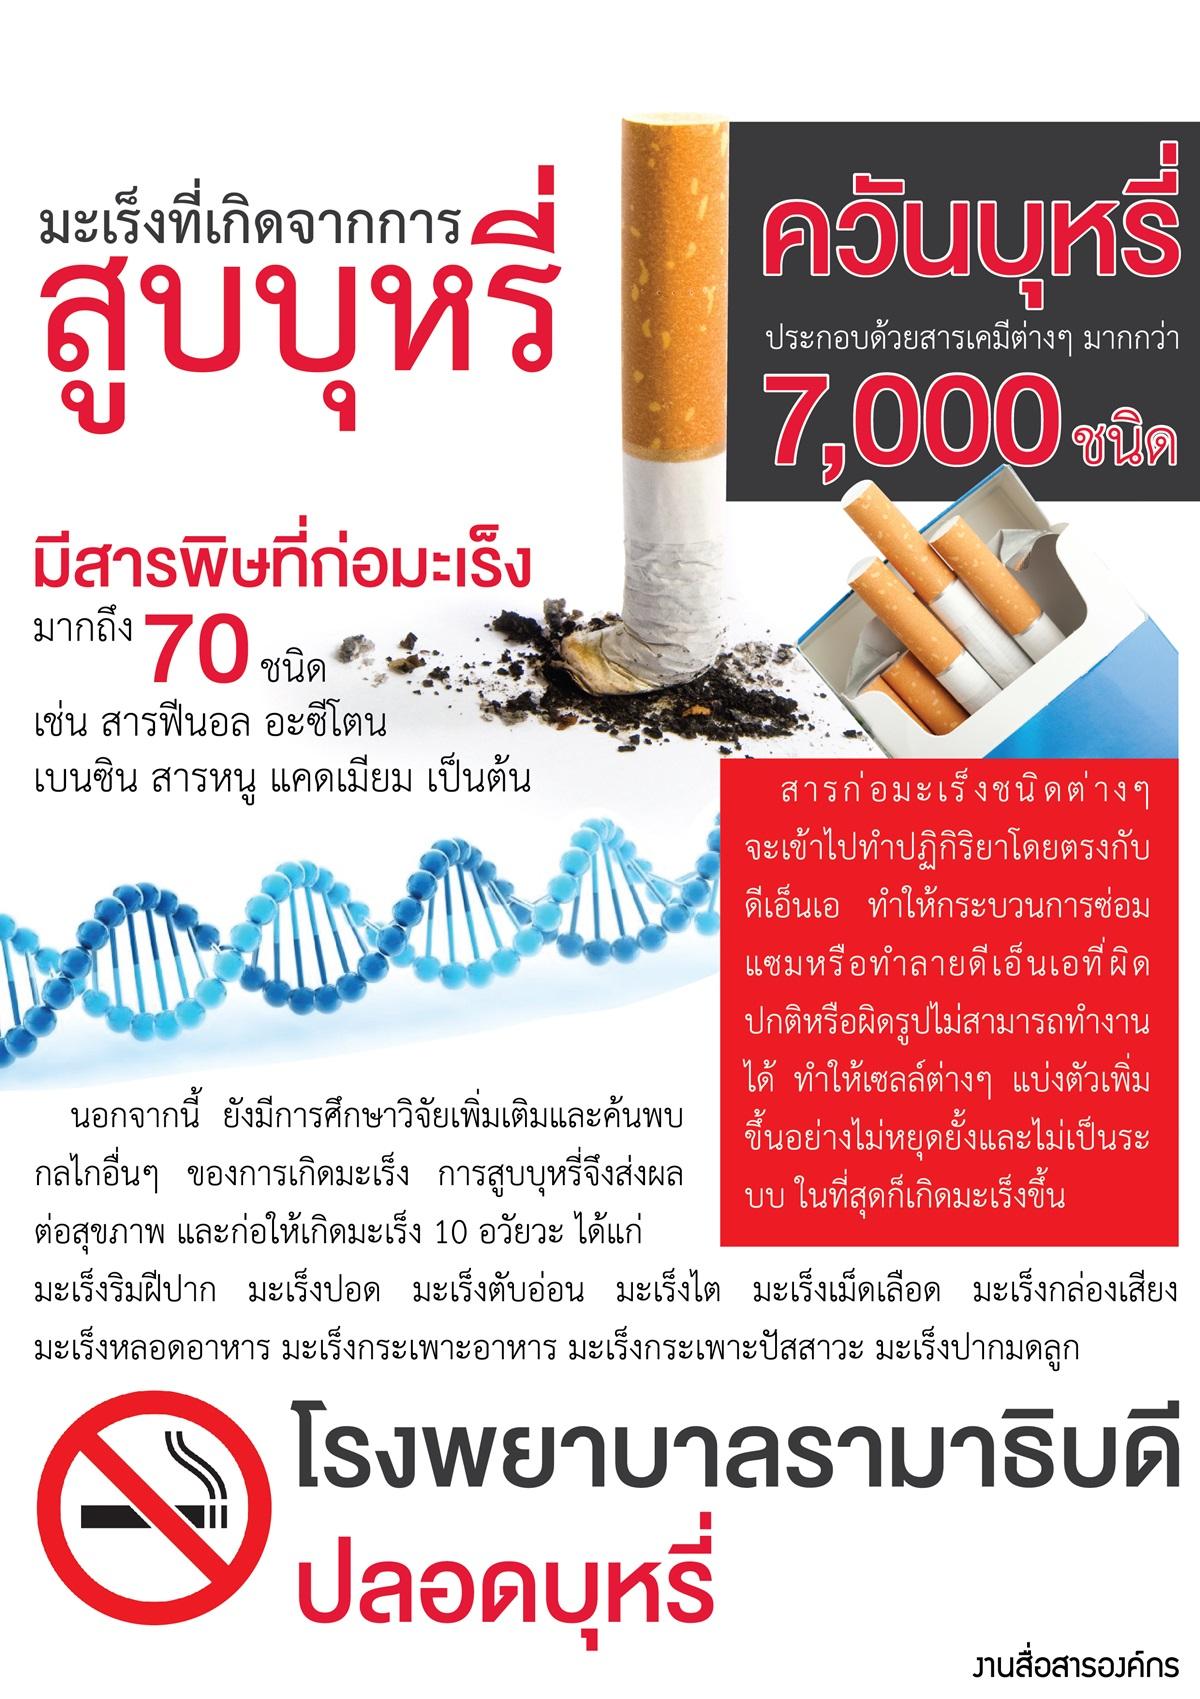 มะเร็งที่เกิดจากการสูบบุหรี่